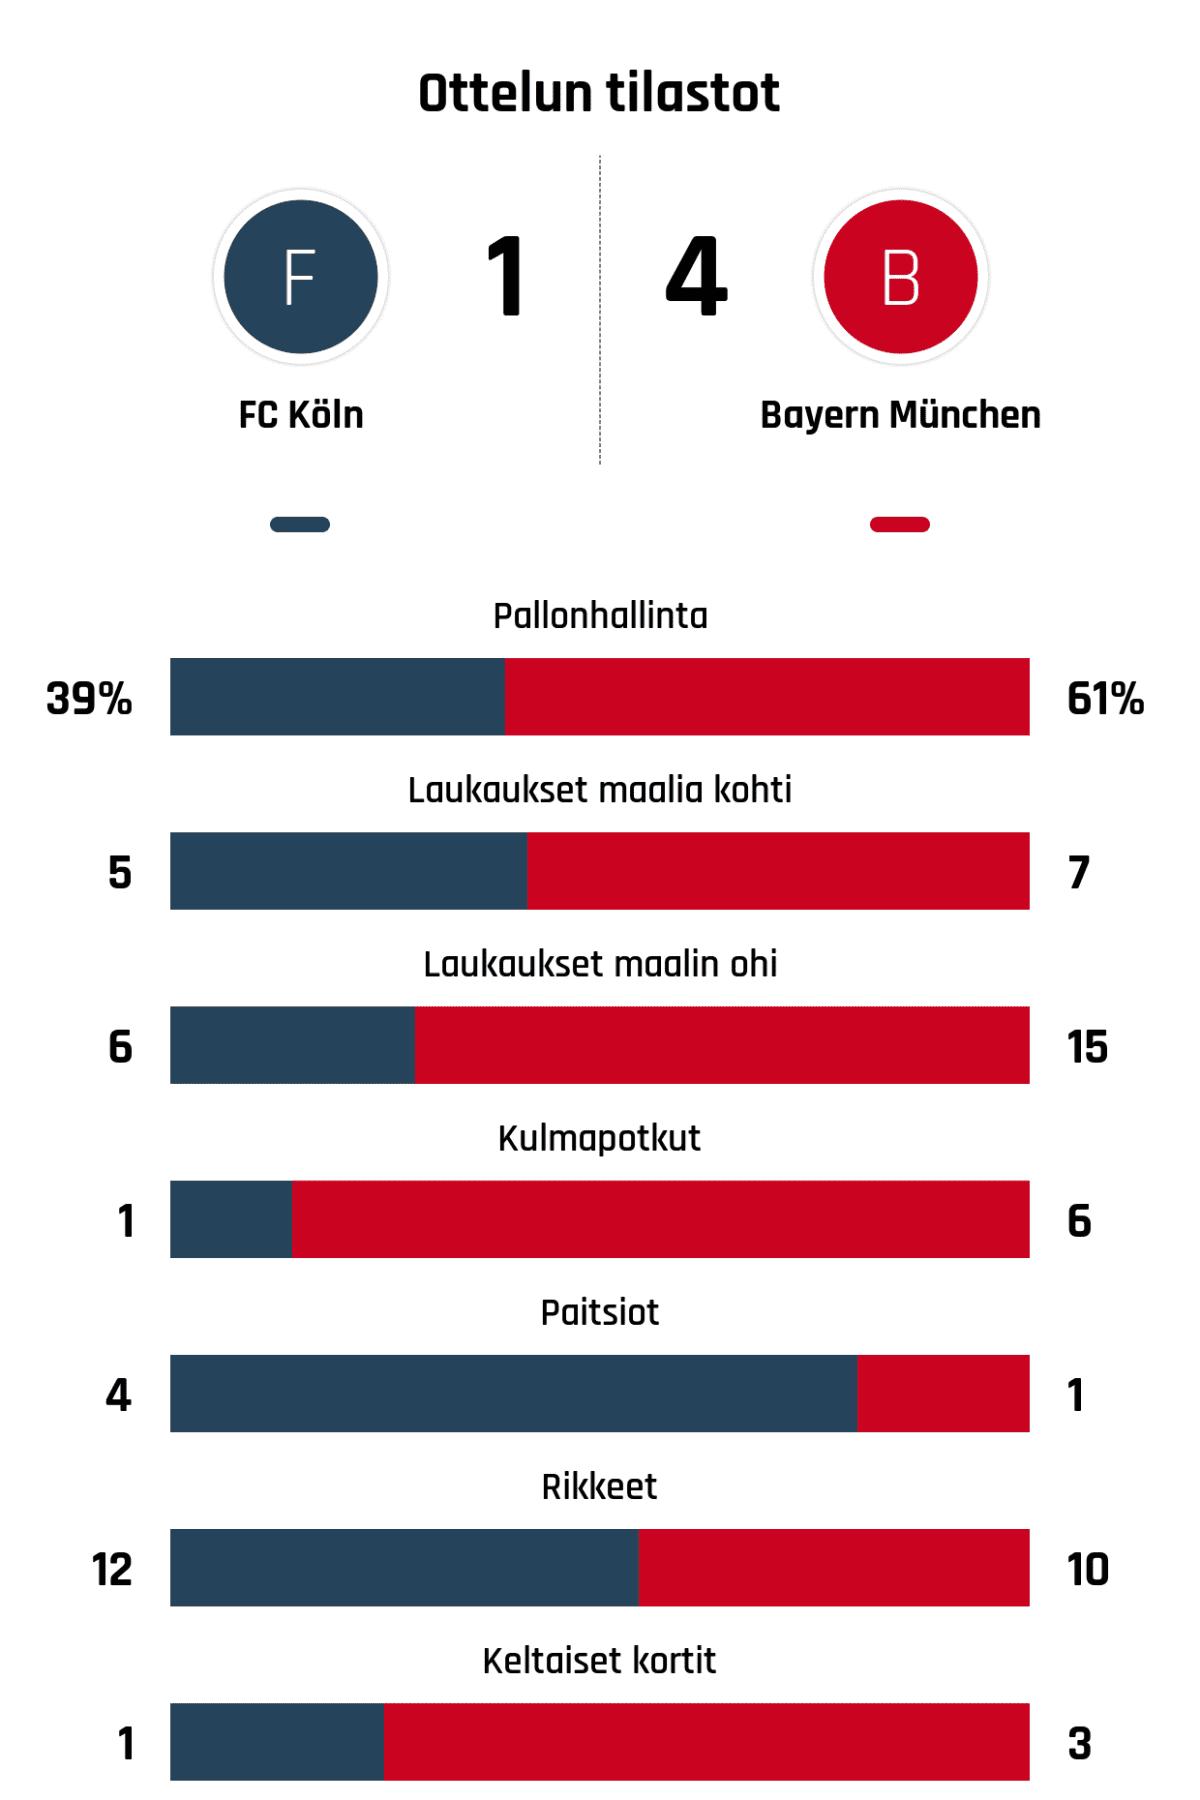 Pallonhallinta 39%-61% Laukaukset maalia kohti 5-7 Laukaukset maalin ohi 6-15 Kulmapotkut 1-6 Paitsiot 4-1 Rikkeet 12-10 Keltaiset kortit 1-3